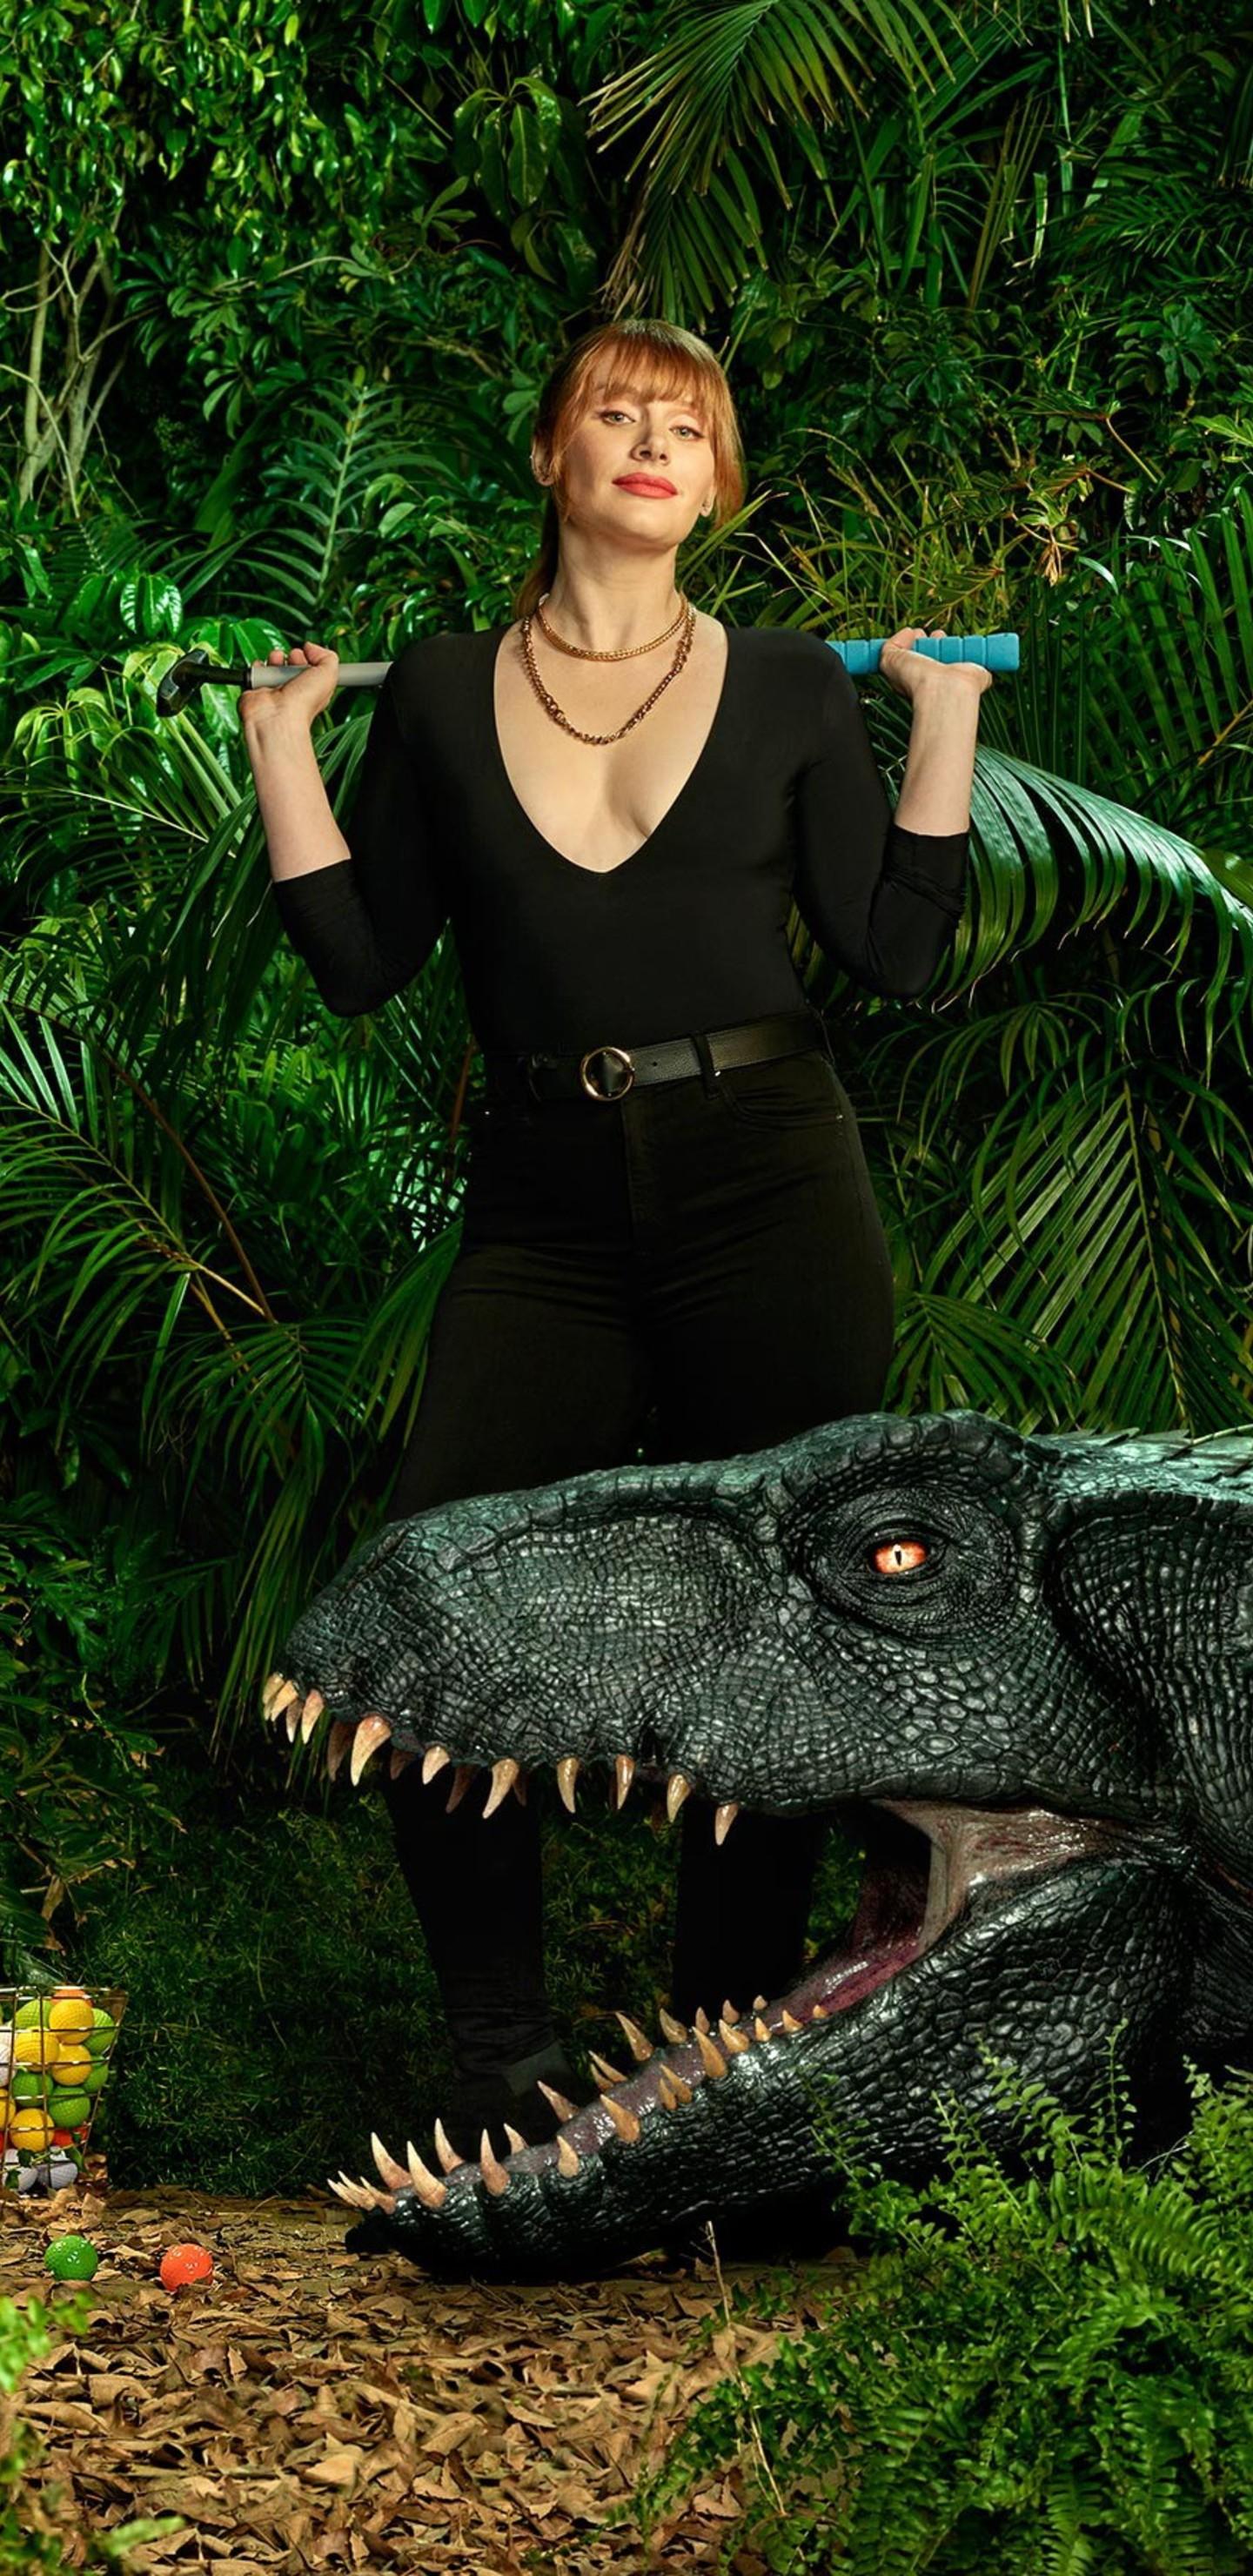 Cẩm nang 5 điều nằm lòng giúp bạn tránh lạc ở thế giới khủng long Jurassic World: Fallen Kingdom - Ảnh 5.